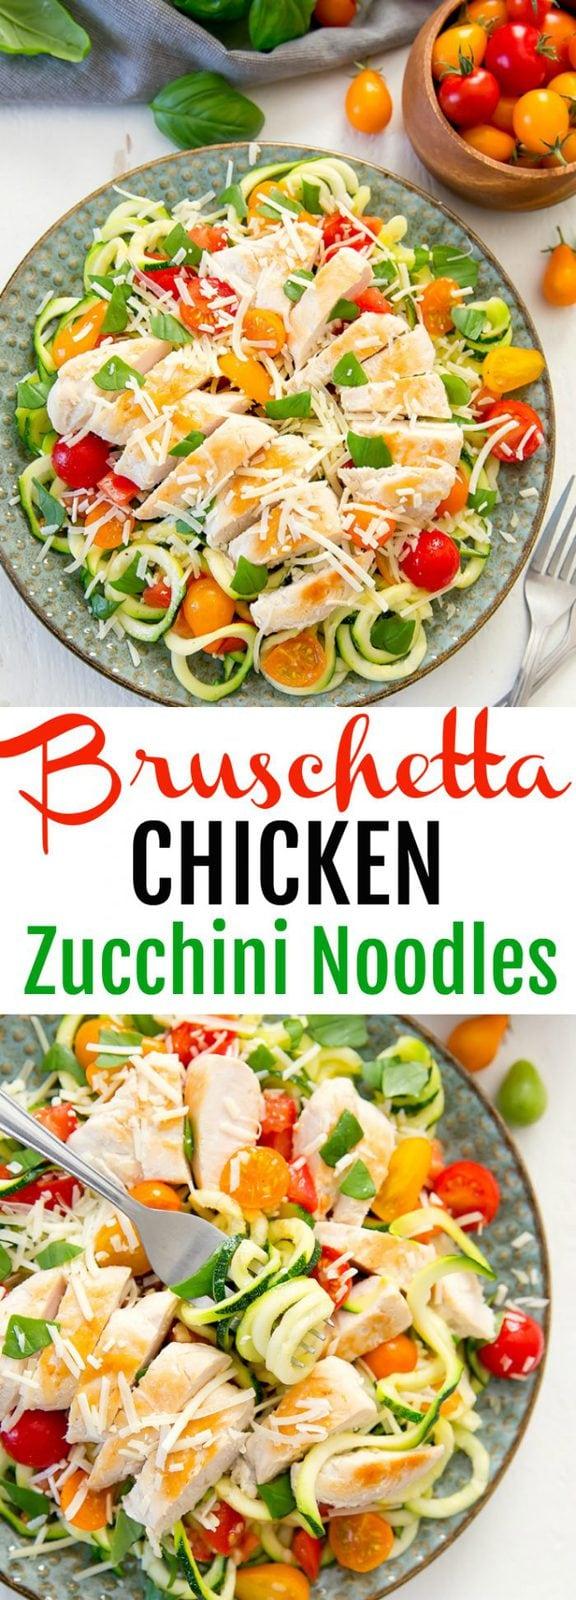 Low Carb Bruschetta Chicken Zucchini Noodles